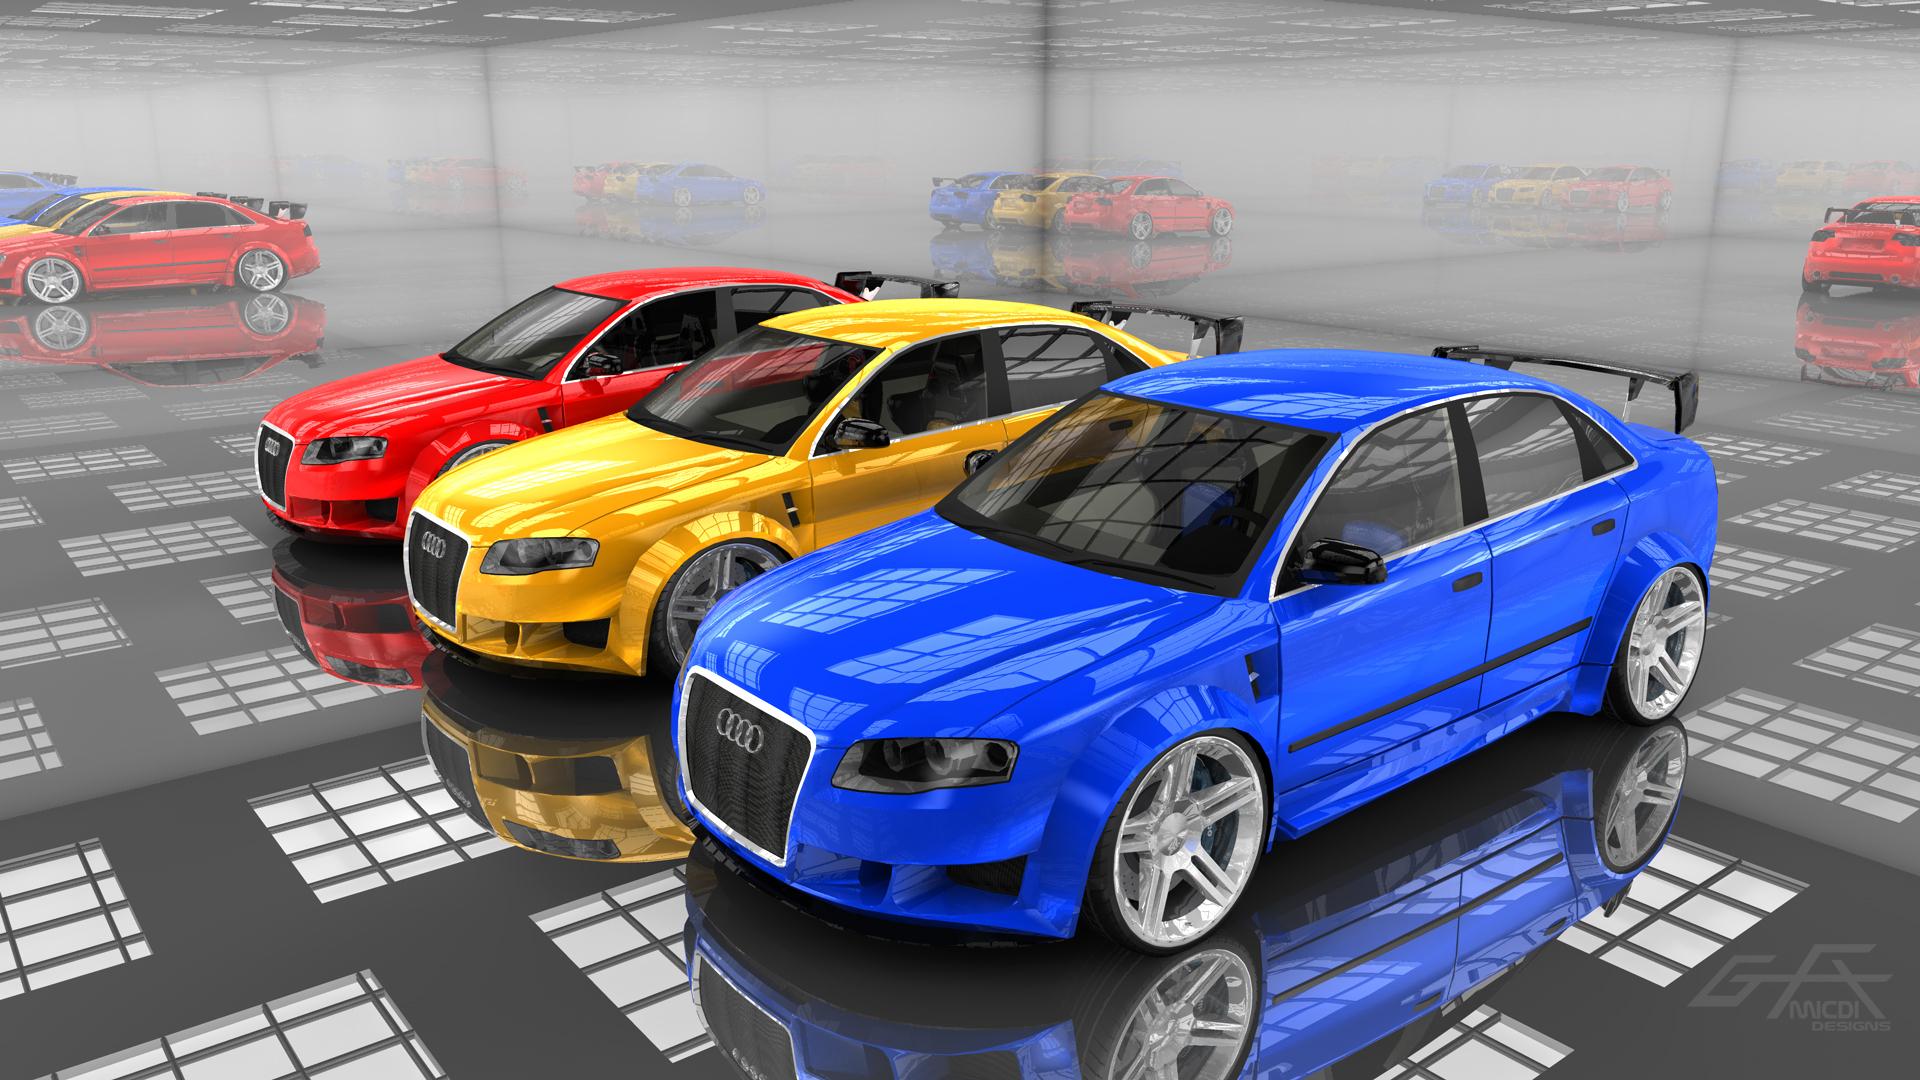 14615 скачать обои Транспорт, Машины, Ауди (Audi) - заставки и картинки бесплатно